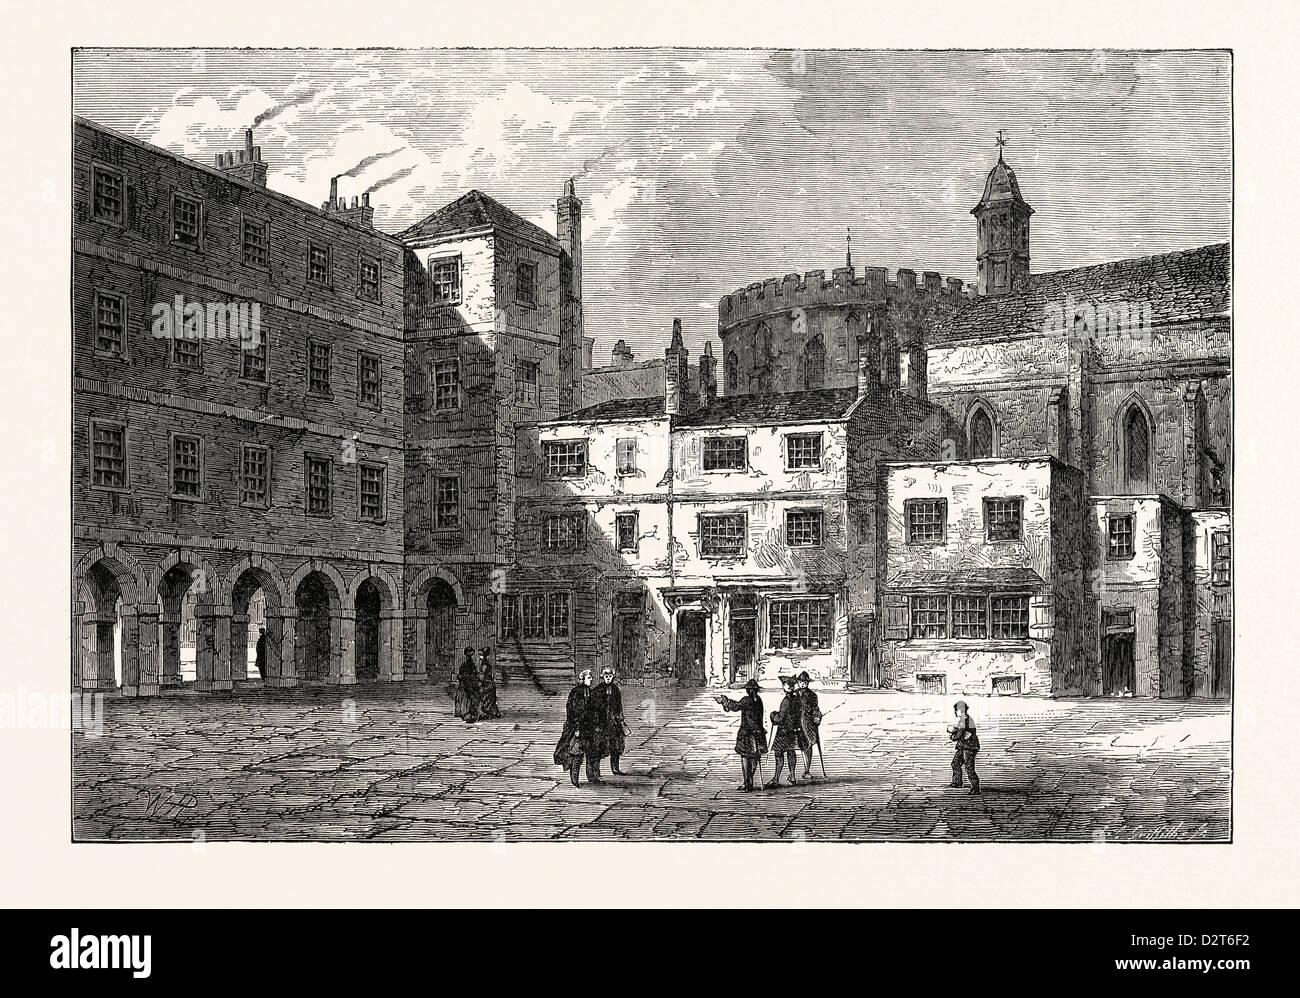 Parte del tempio interno 1800 Londra Immagini Stock